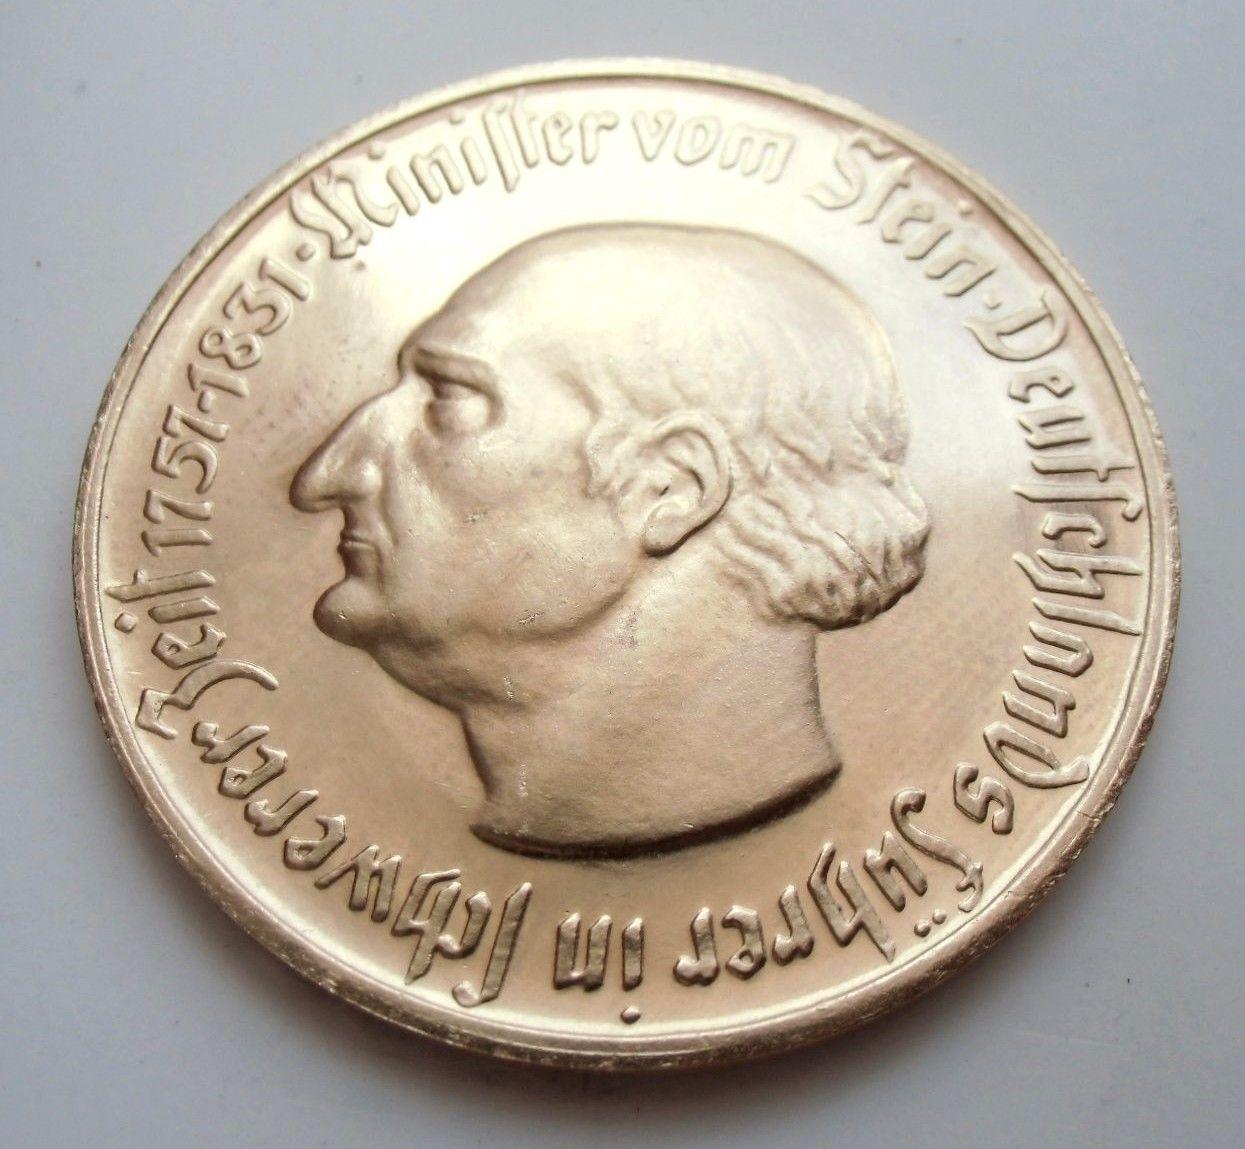 Monedas de emergencia emitidas por el banco regional de Westphalia 1922_500a